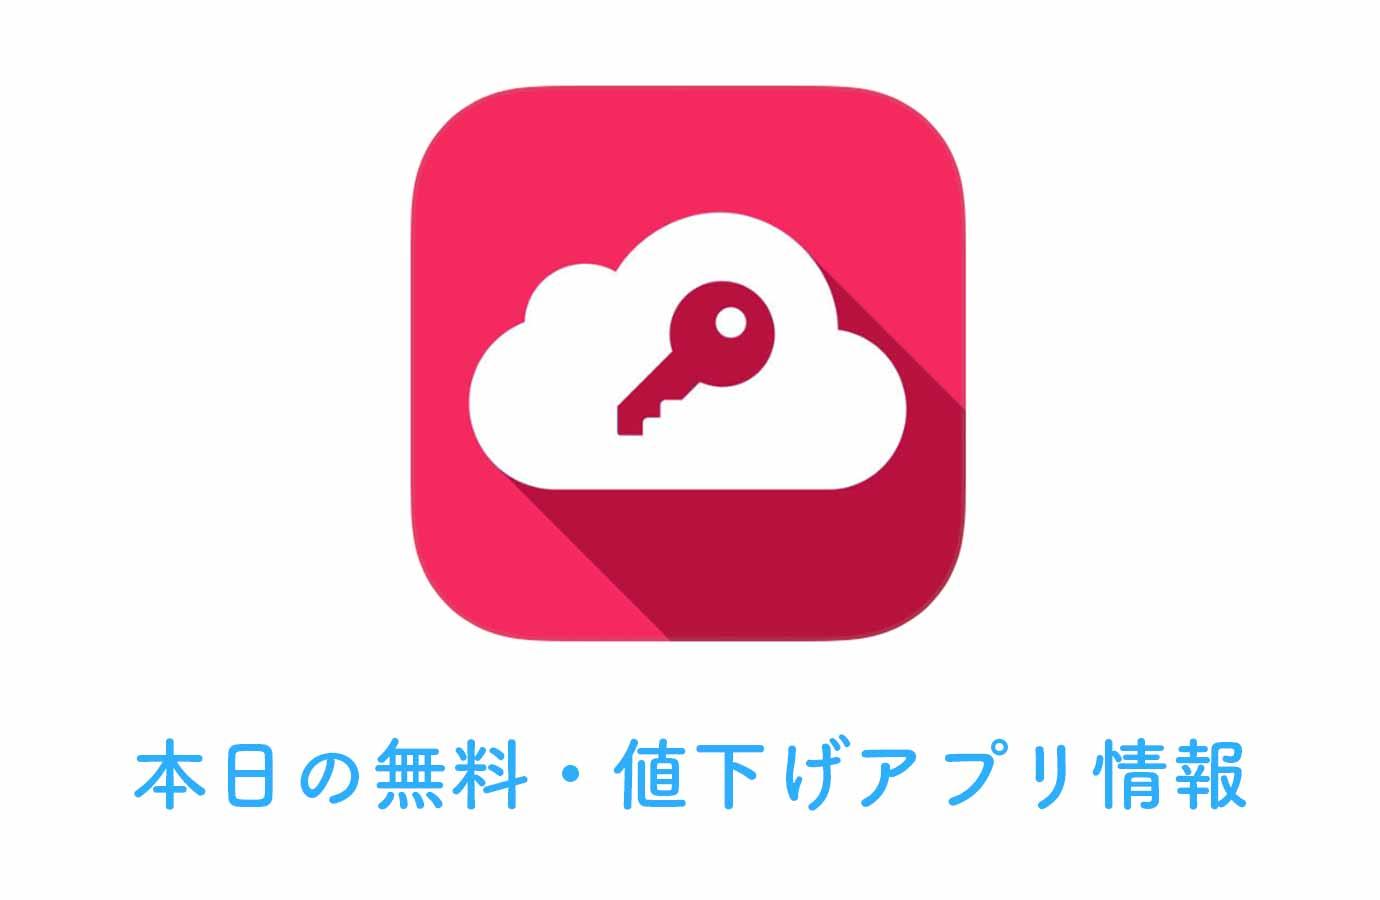 960円→無料、ワンタップでWEBサイトにログインできるパスワード管理アプリ「LoginBox Pro」など【6/12】本日の無料・値下げアプリ情報